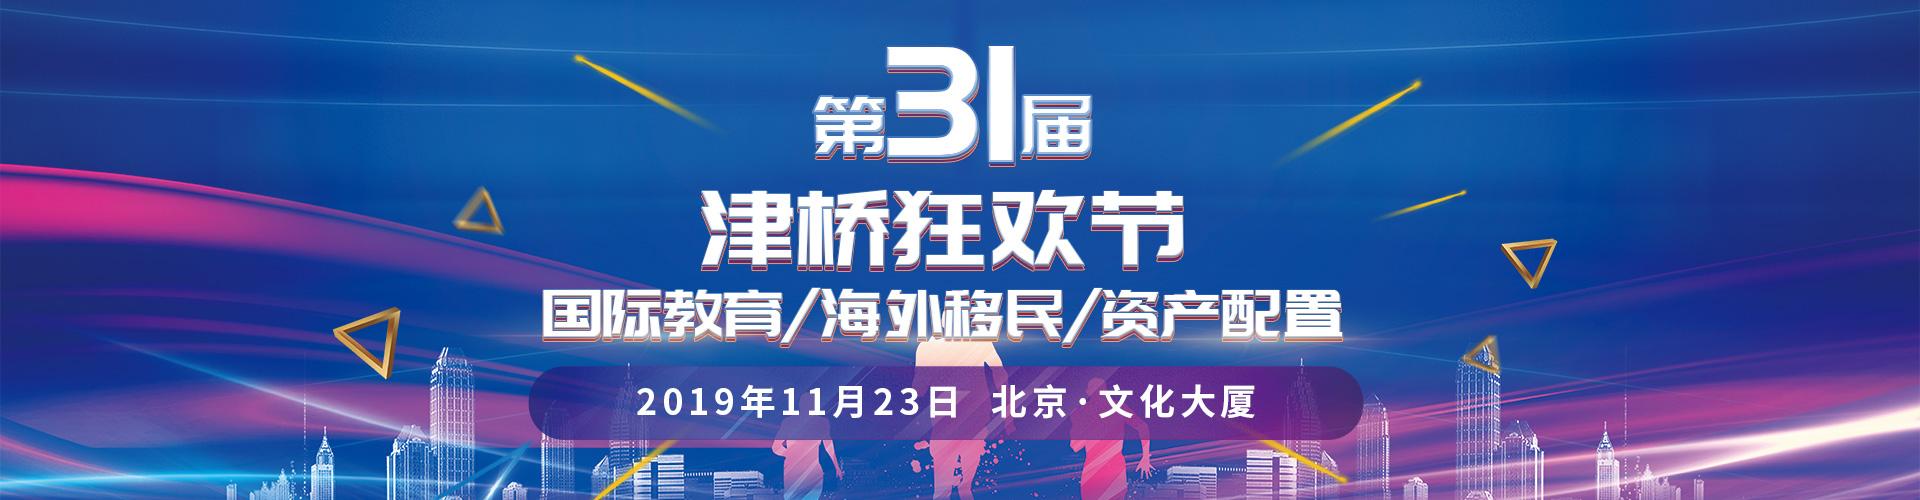 11.23津桥狂欢节